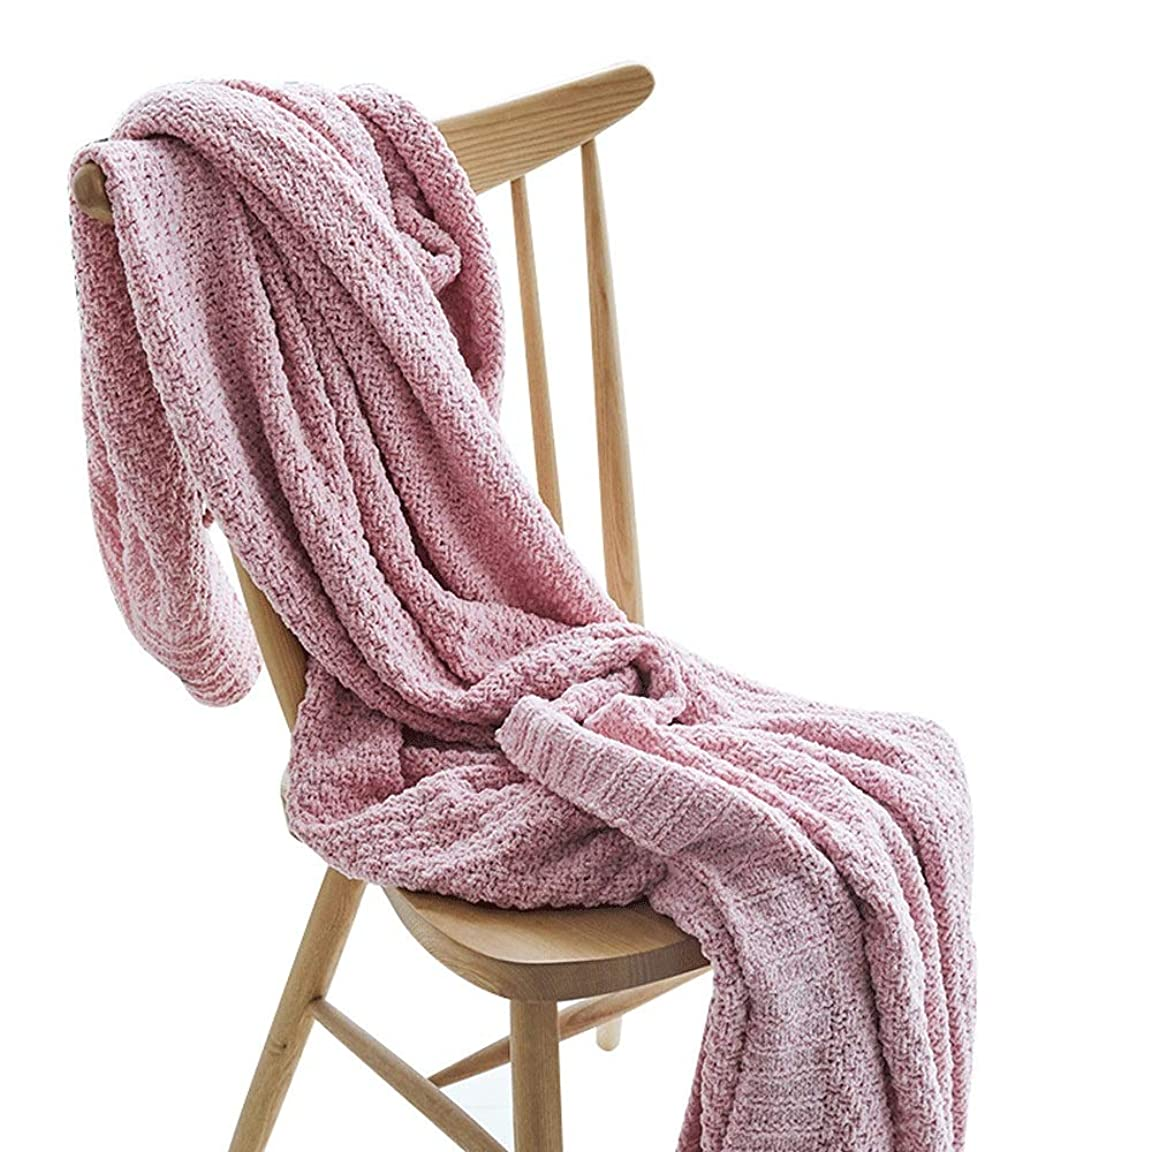 ヘビーペックマイクソフトカウチ毛布 カジュアルニットスロー毛布多機能レジャー毛布昼寝毛布ソファ毛布 ルームベッドルームビーチトラベル (Color : Red, Size : 130cmx180cm)